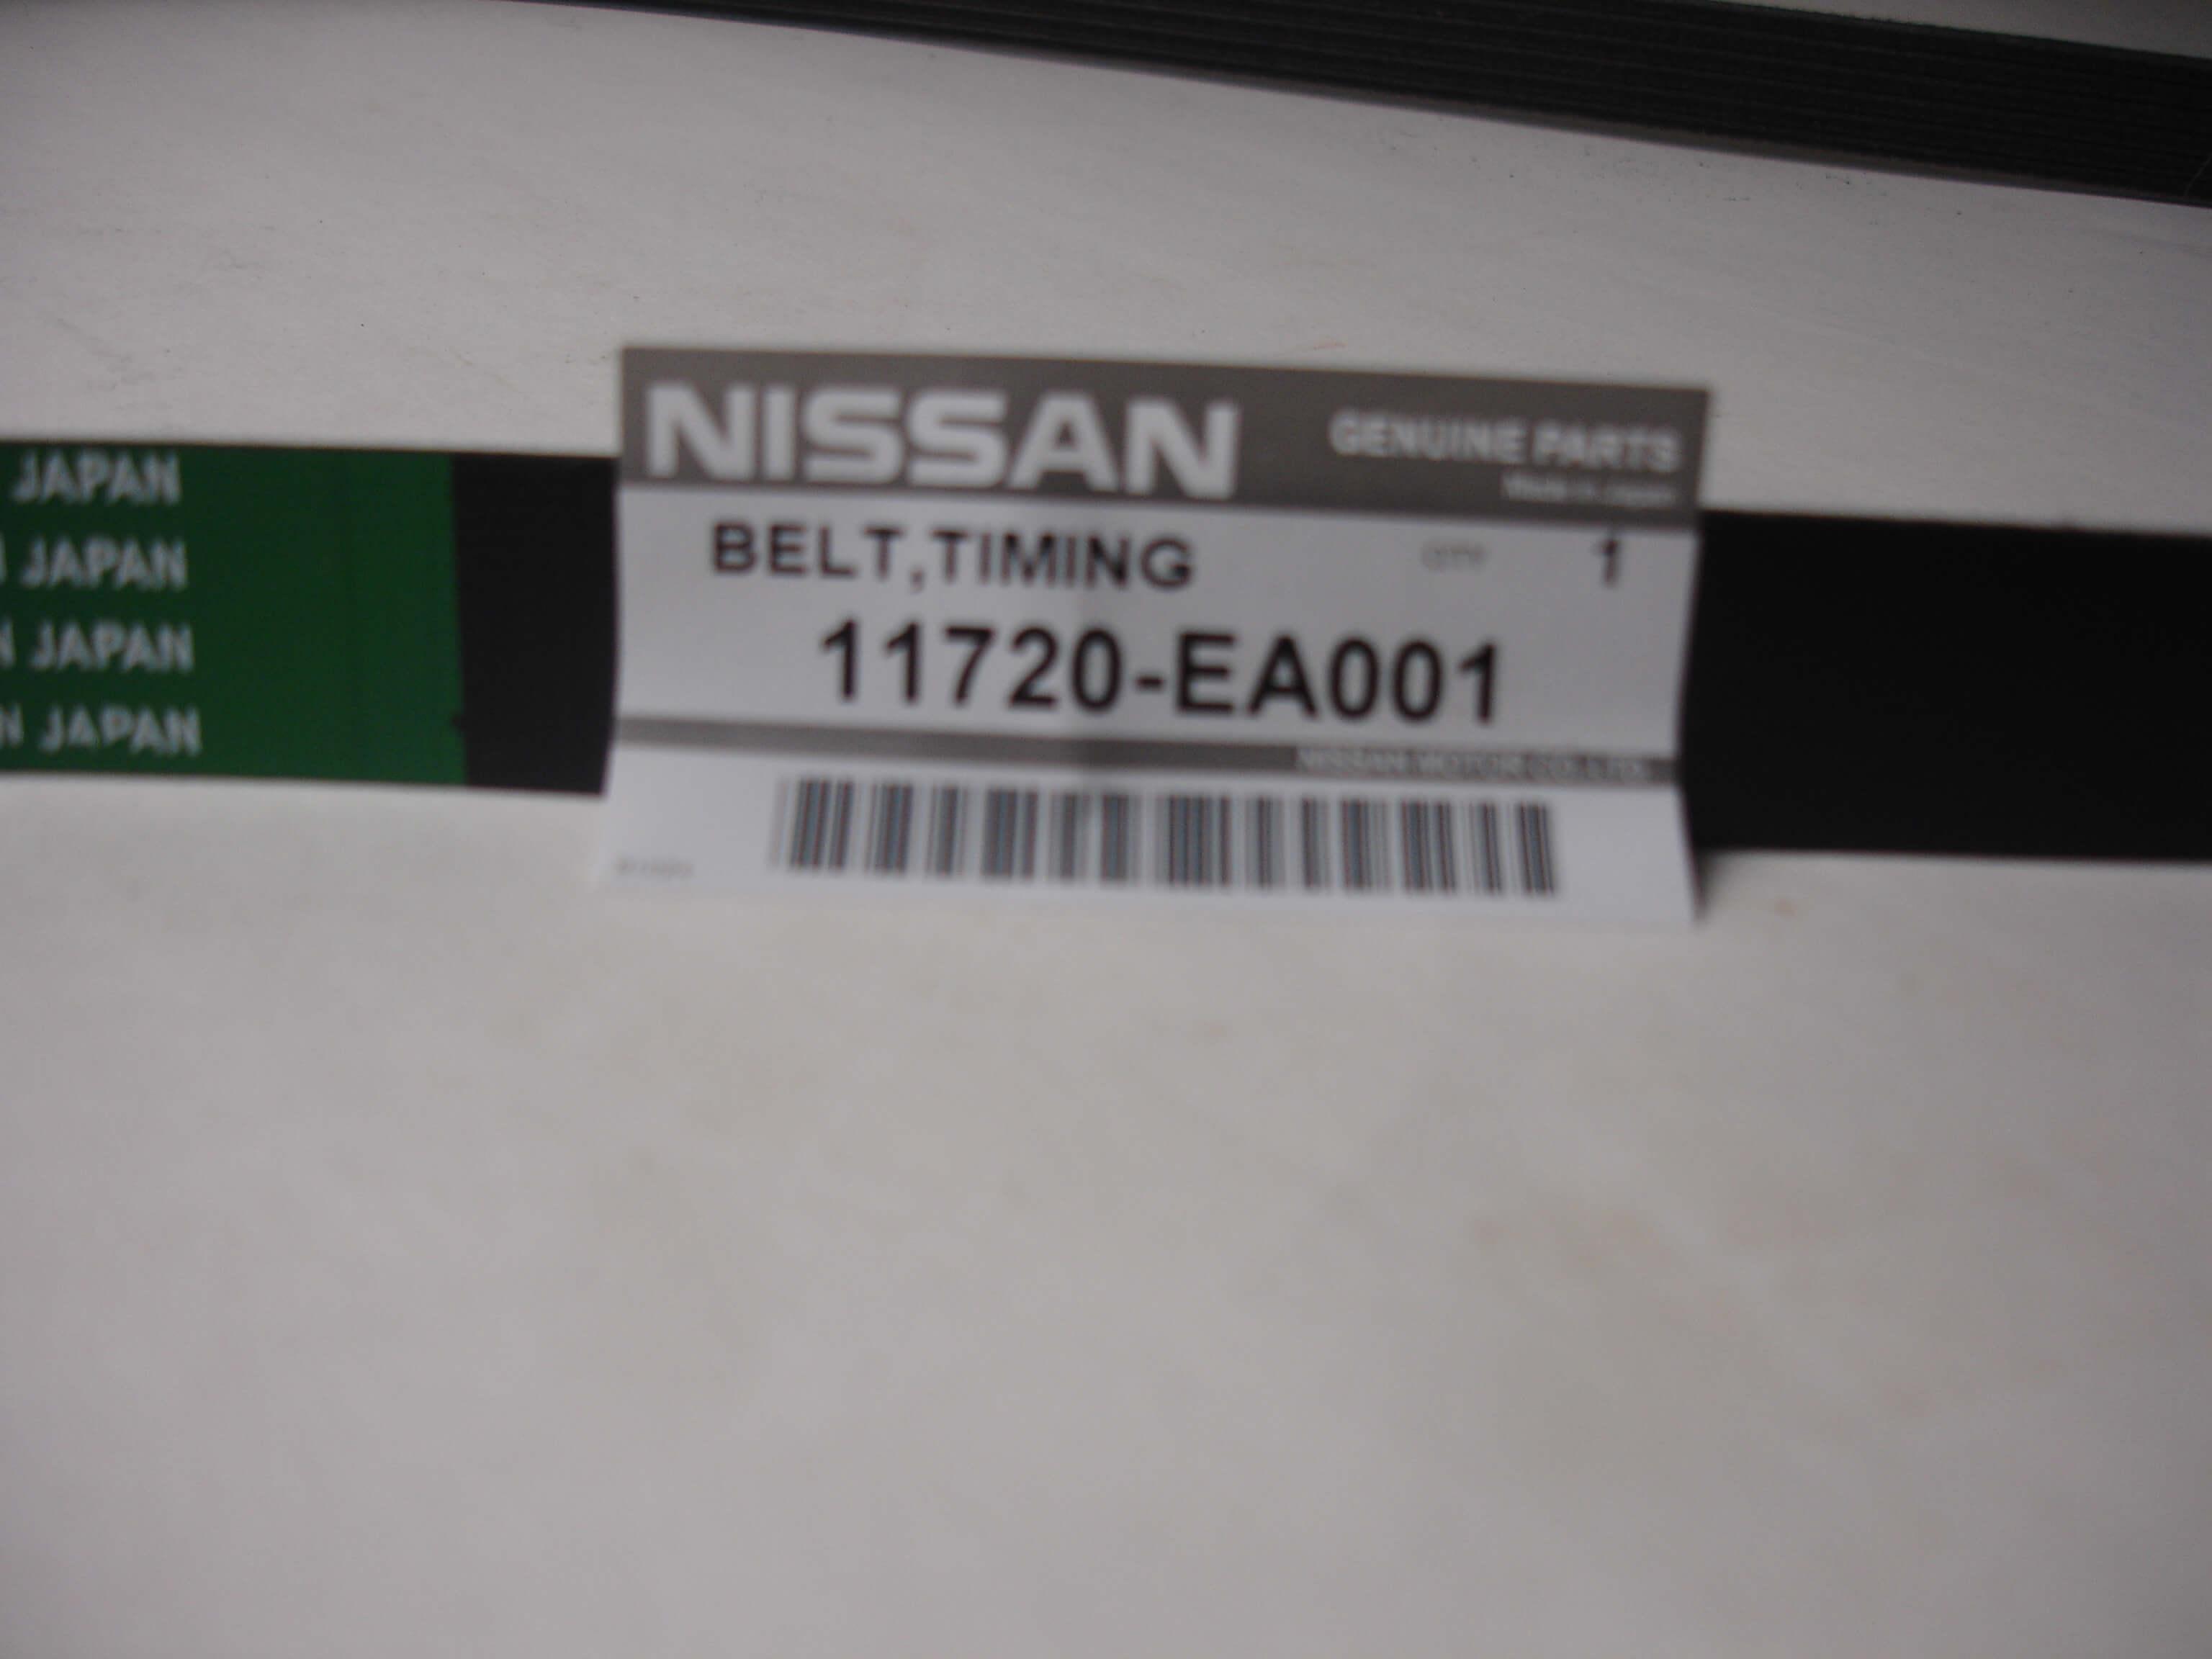 Nissan Genuine OEM Drive Belt 05-16 Frontier 2.5L 11720-EA001 QR25DE